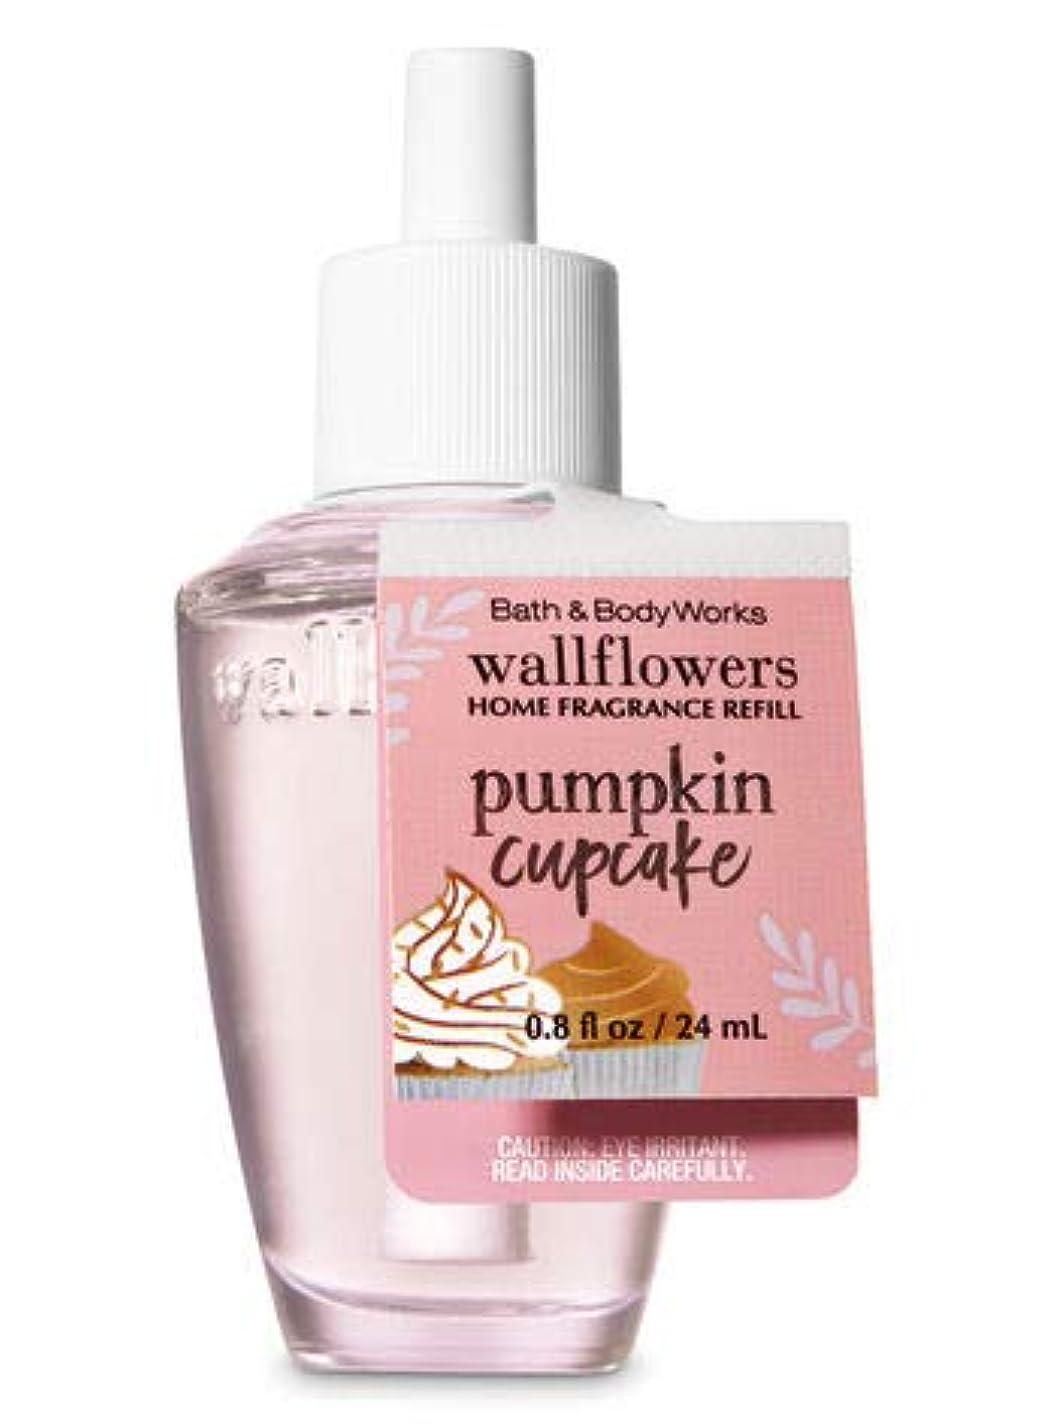 父方の散歩に行くブローホール【Bath&Body Works/バス&ボディワークス】 ルームフレグランス 詰替えリフィル パンプキンカップケーキ Wallflowers Home Fragrance Refill Pumpkin Cupcake [並行輸入品]